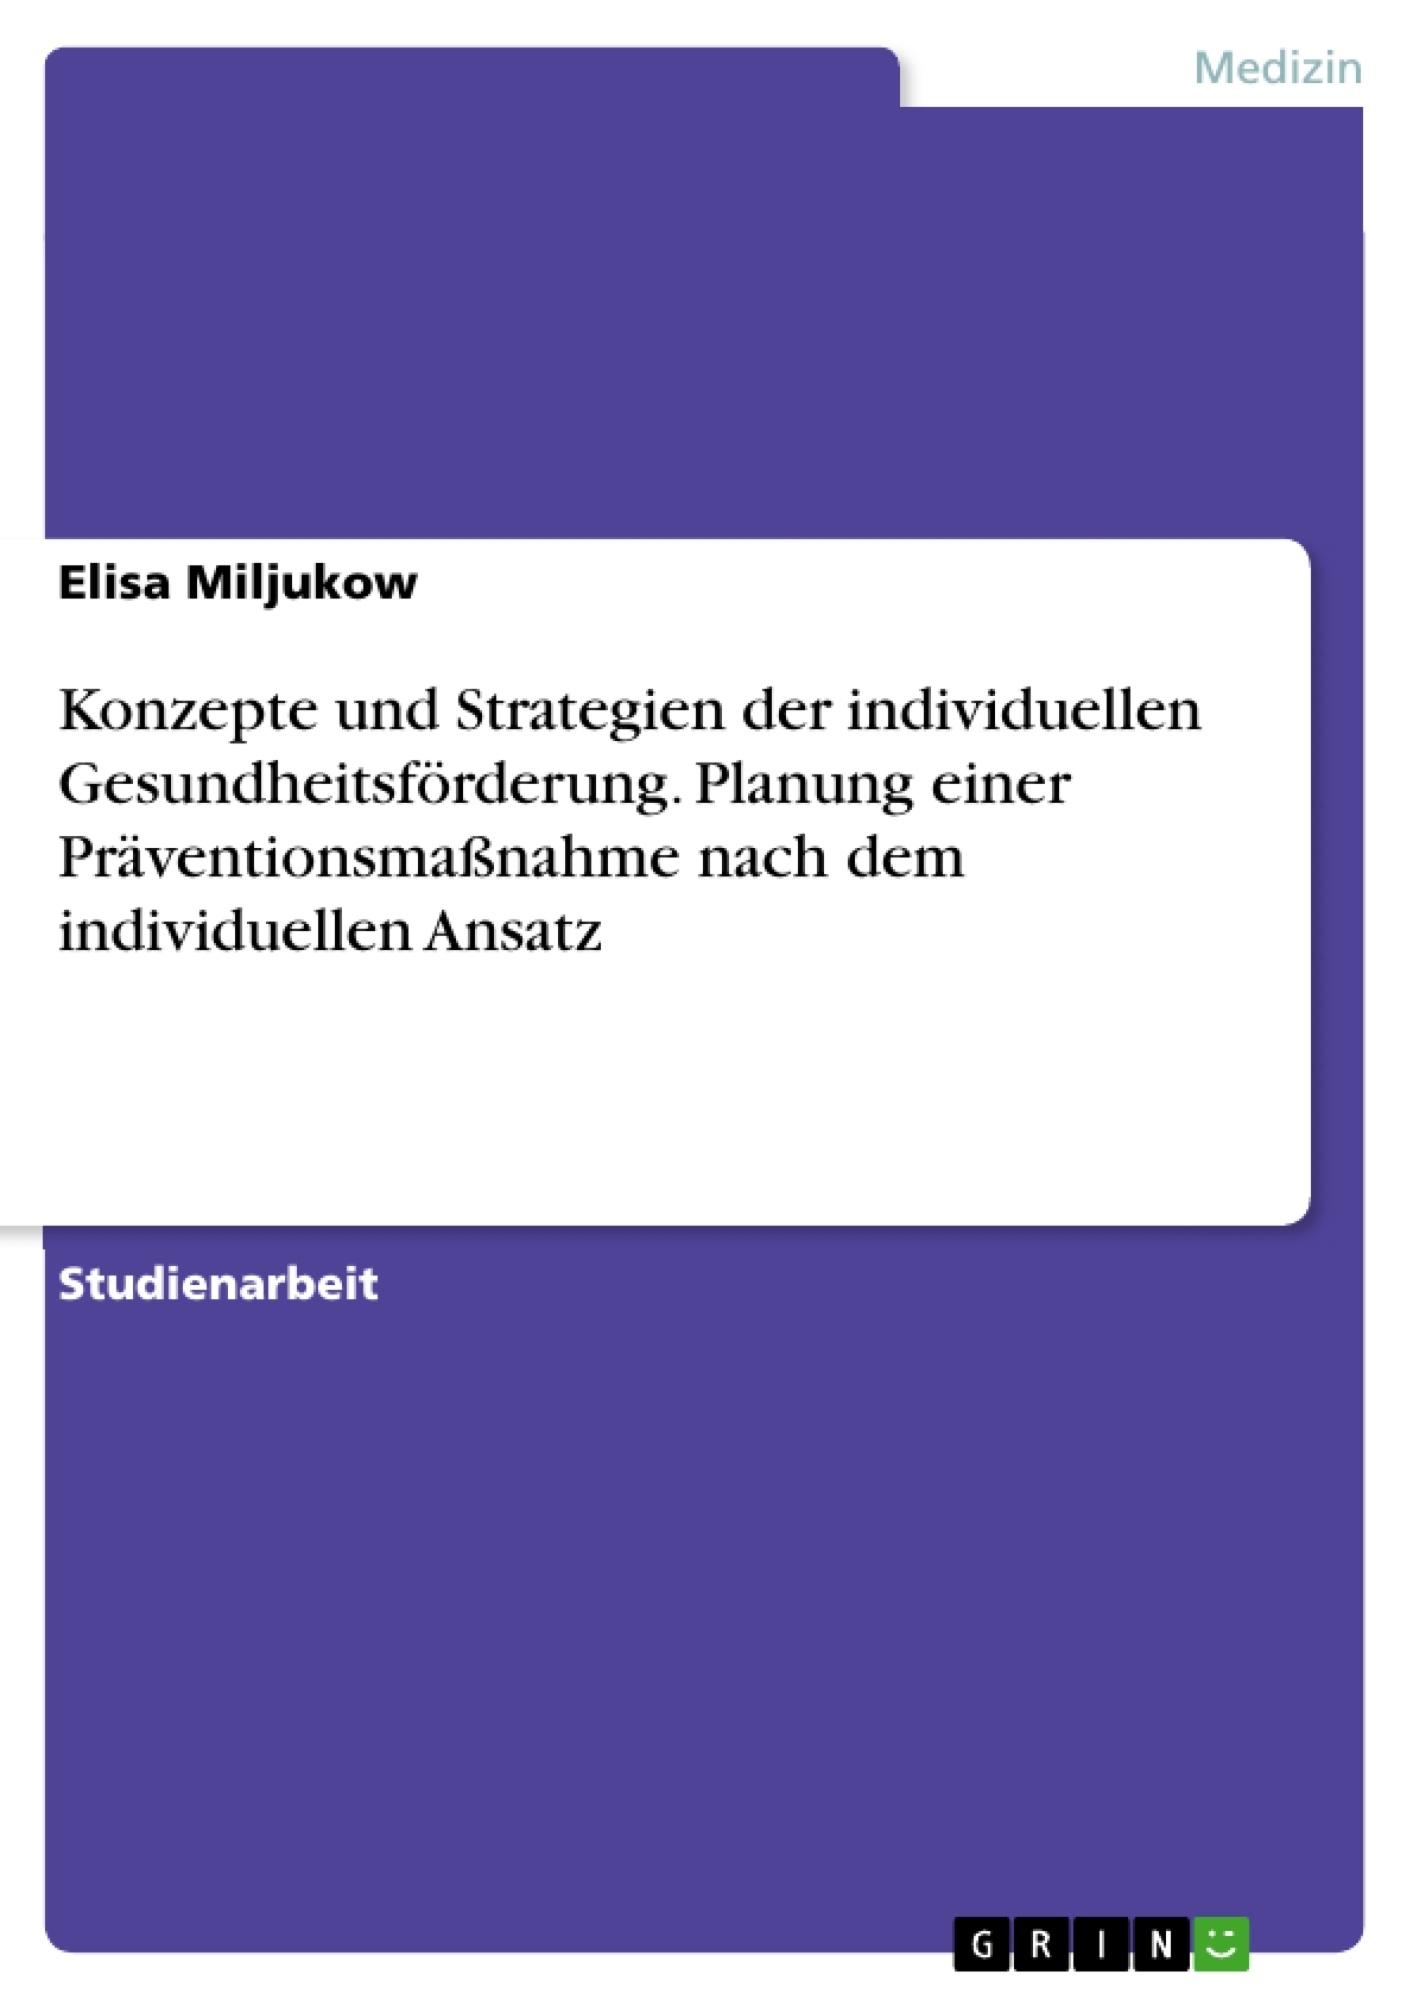 Titel: Konzepte und Strategien der individuellen Gesundheitsförderung. Planung einer Präventionsmaßnahme nach dem individuellen Ansatz